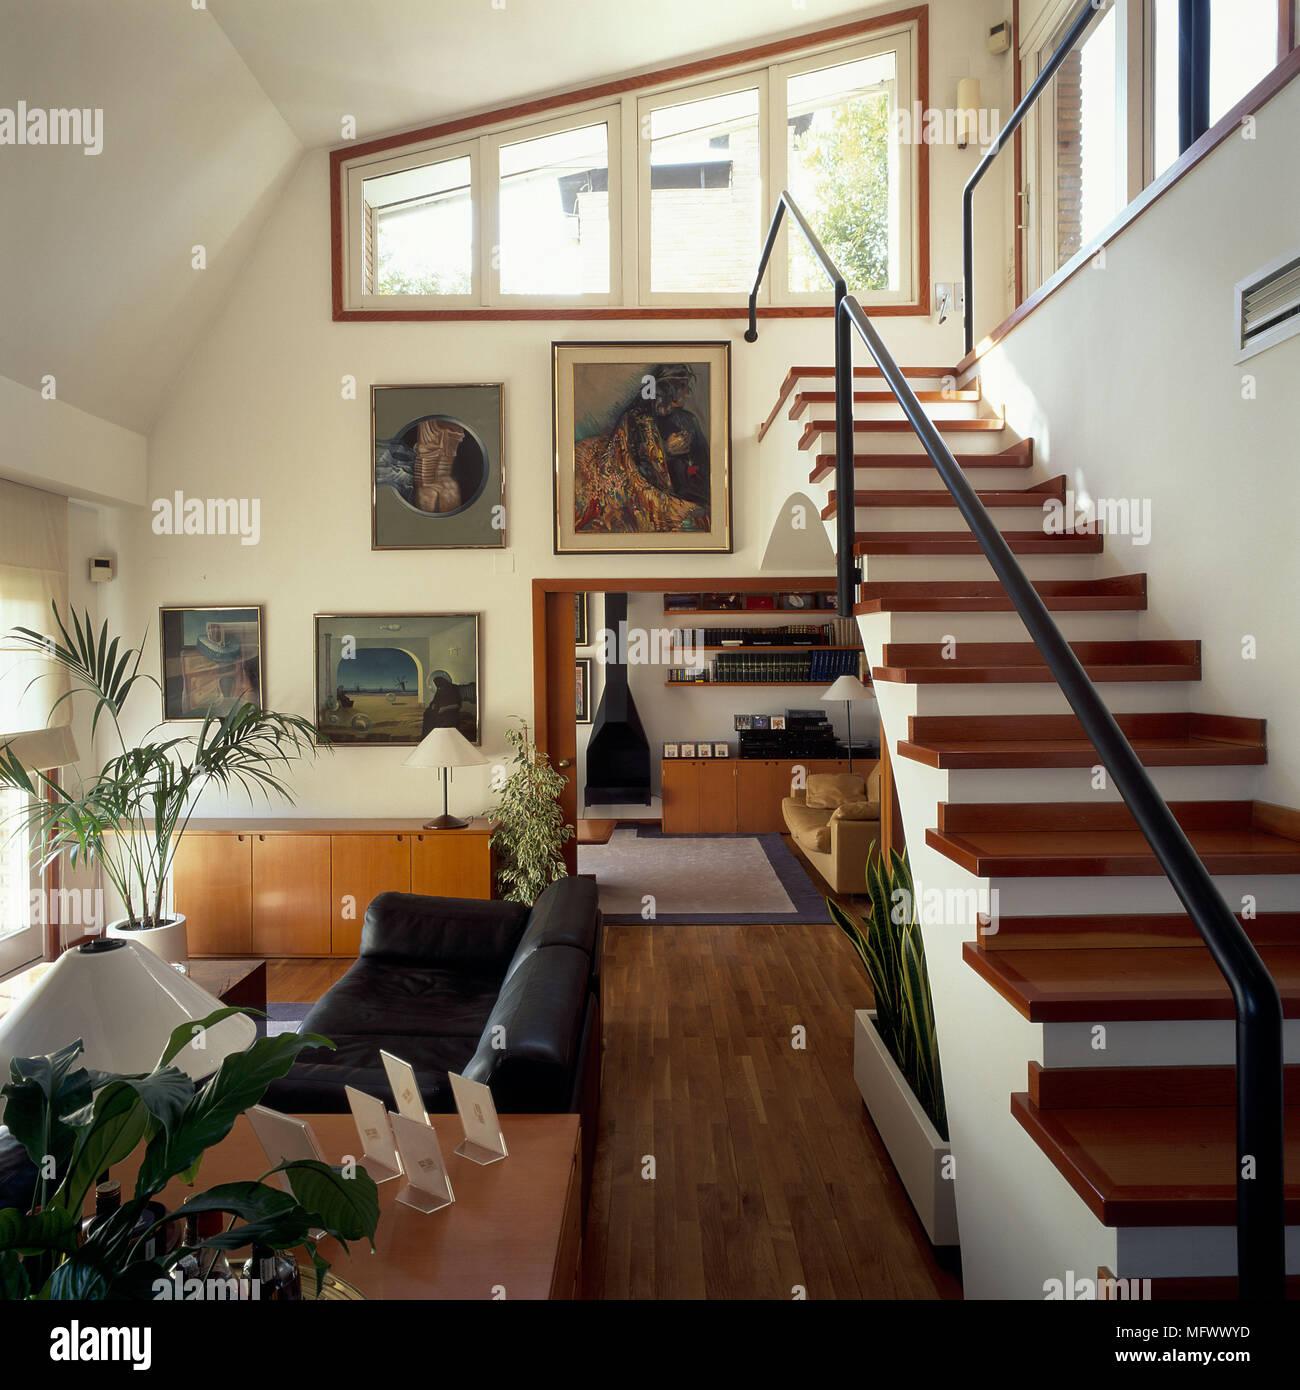 Blick auf eine eklektische Treppe zum Wohnzimmer Stockfoto, Bild ...